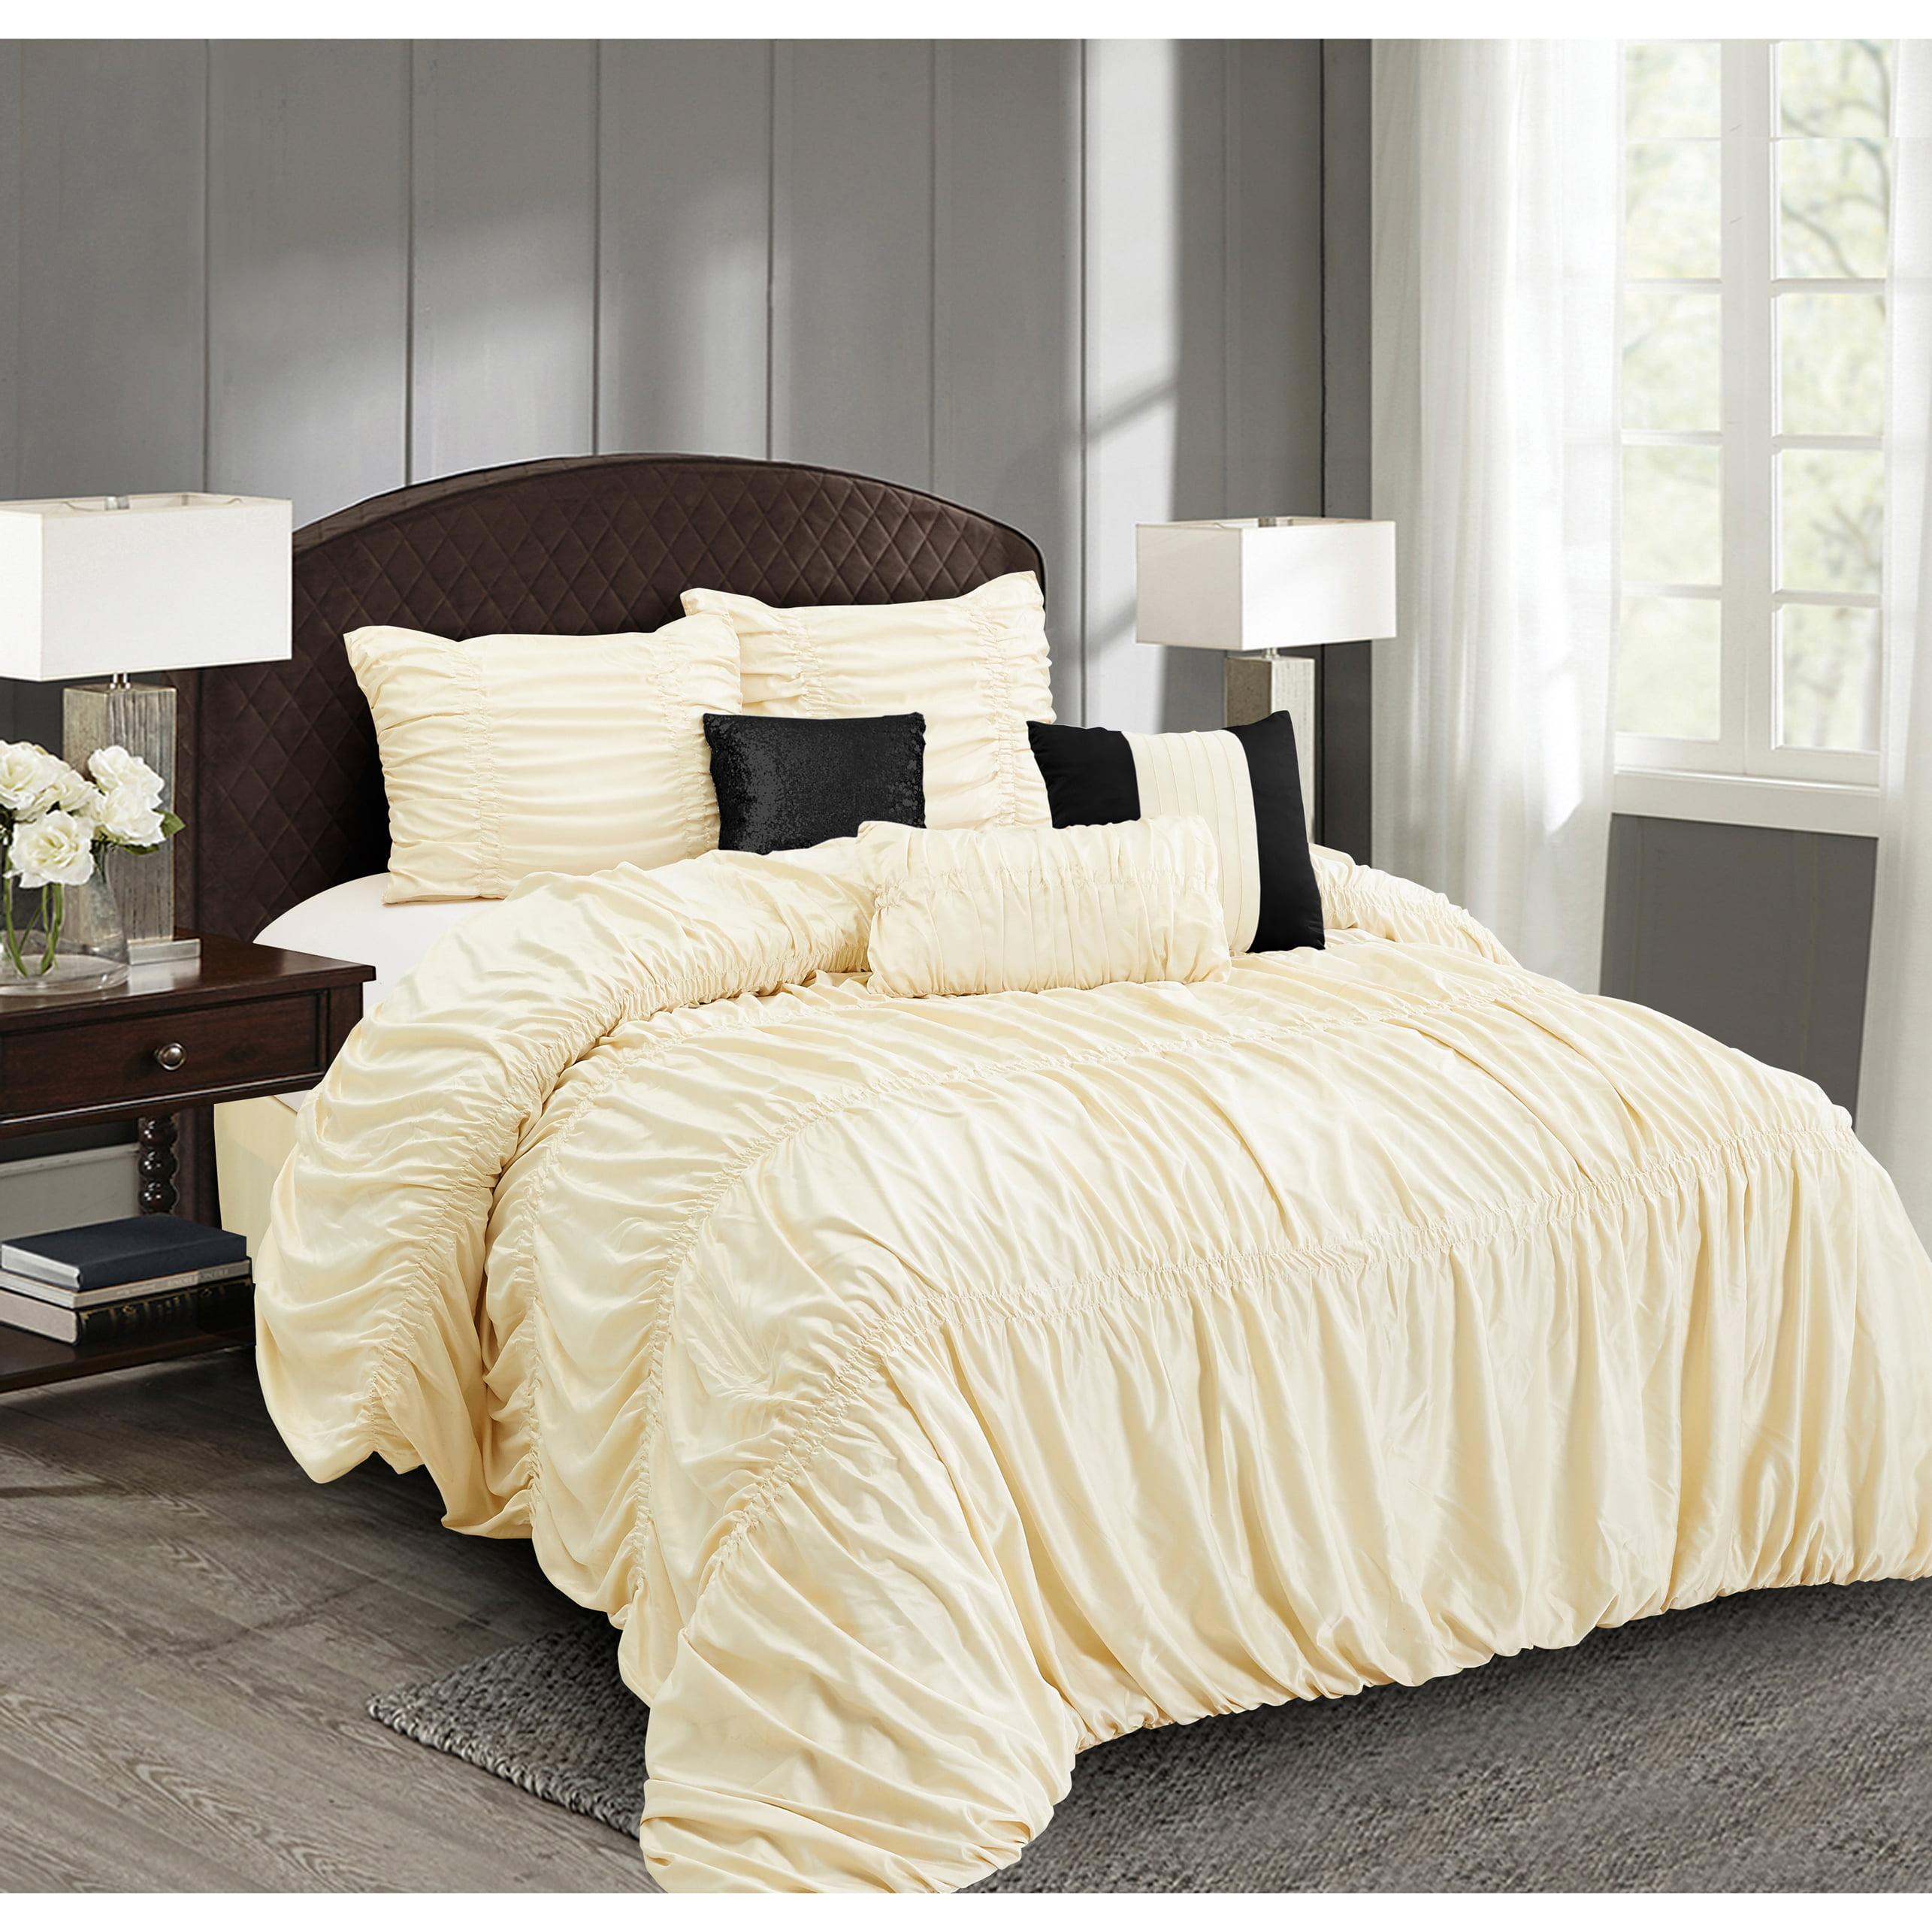 Everrouge Mia 7pc Comforter